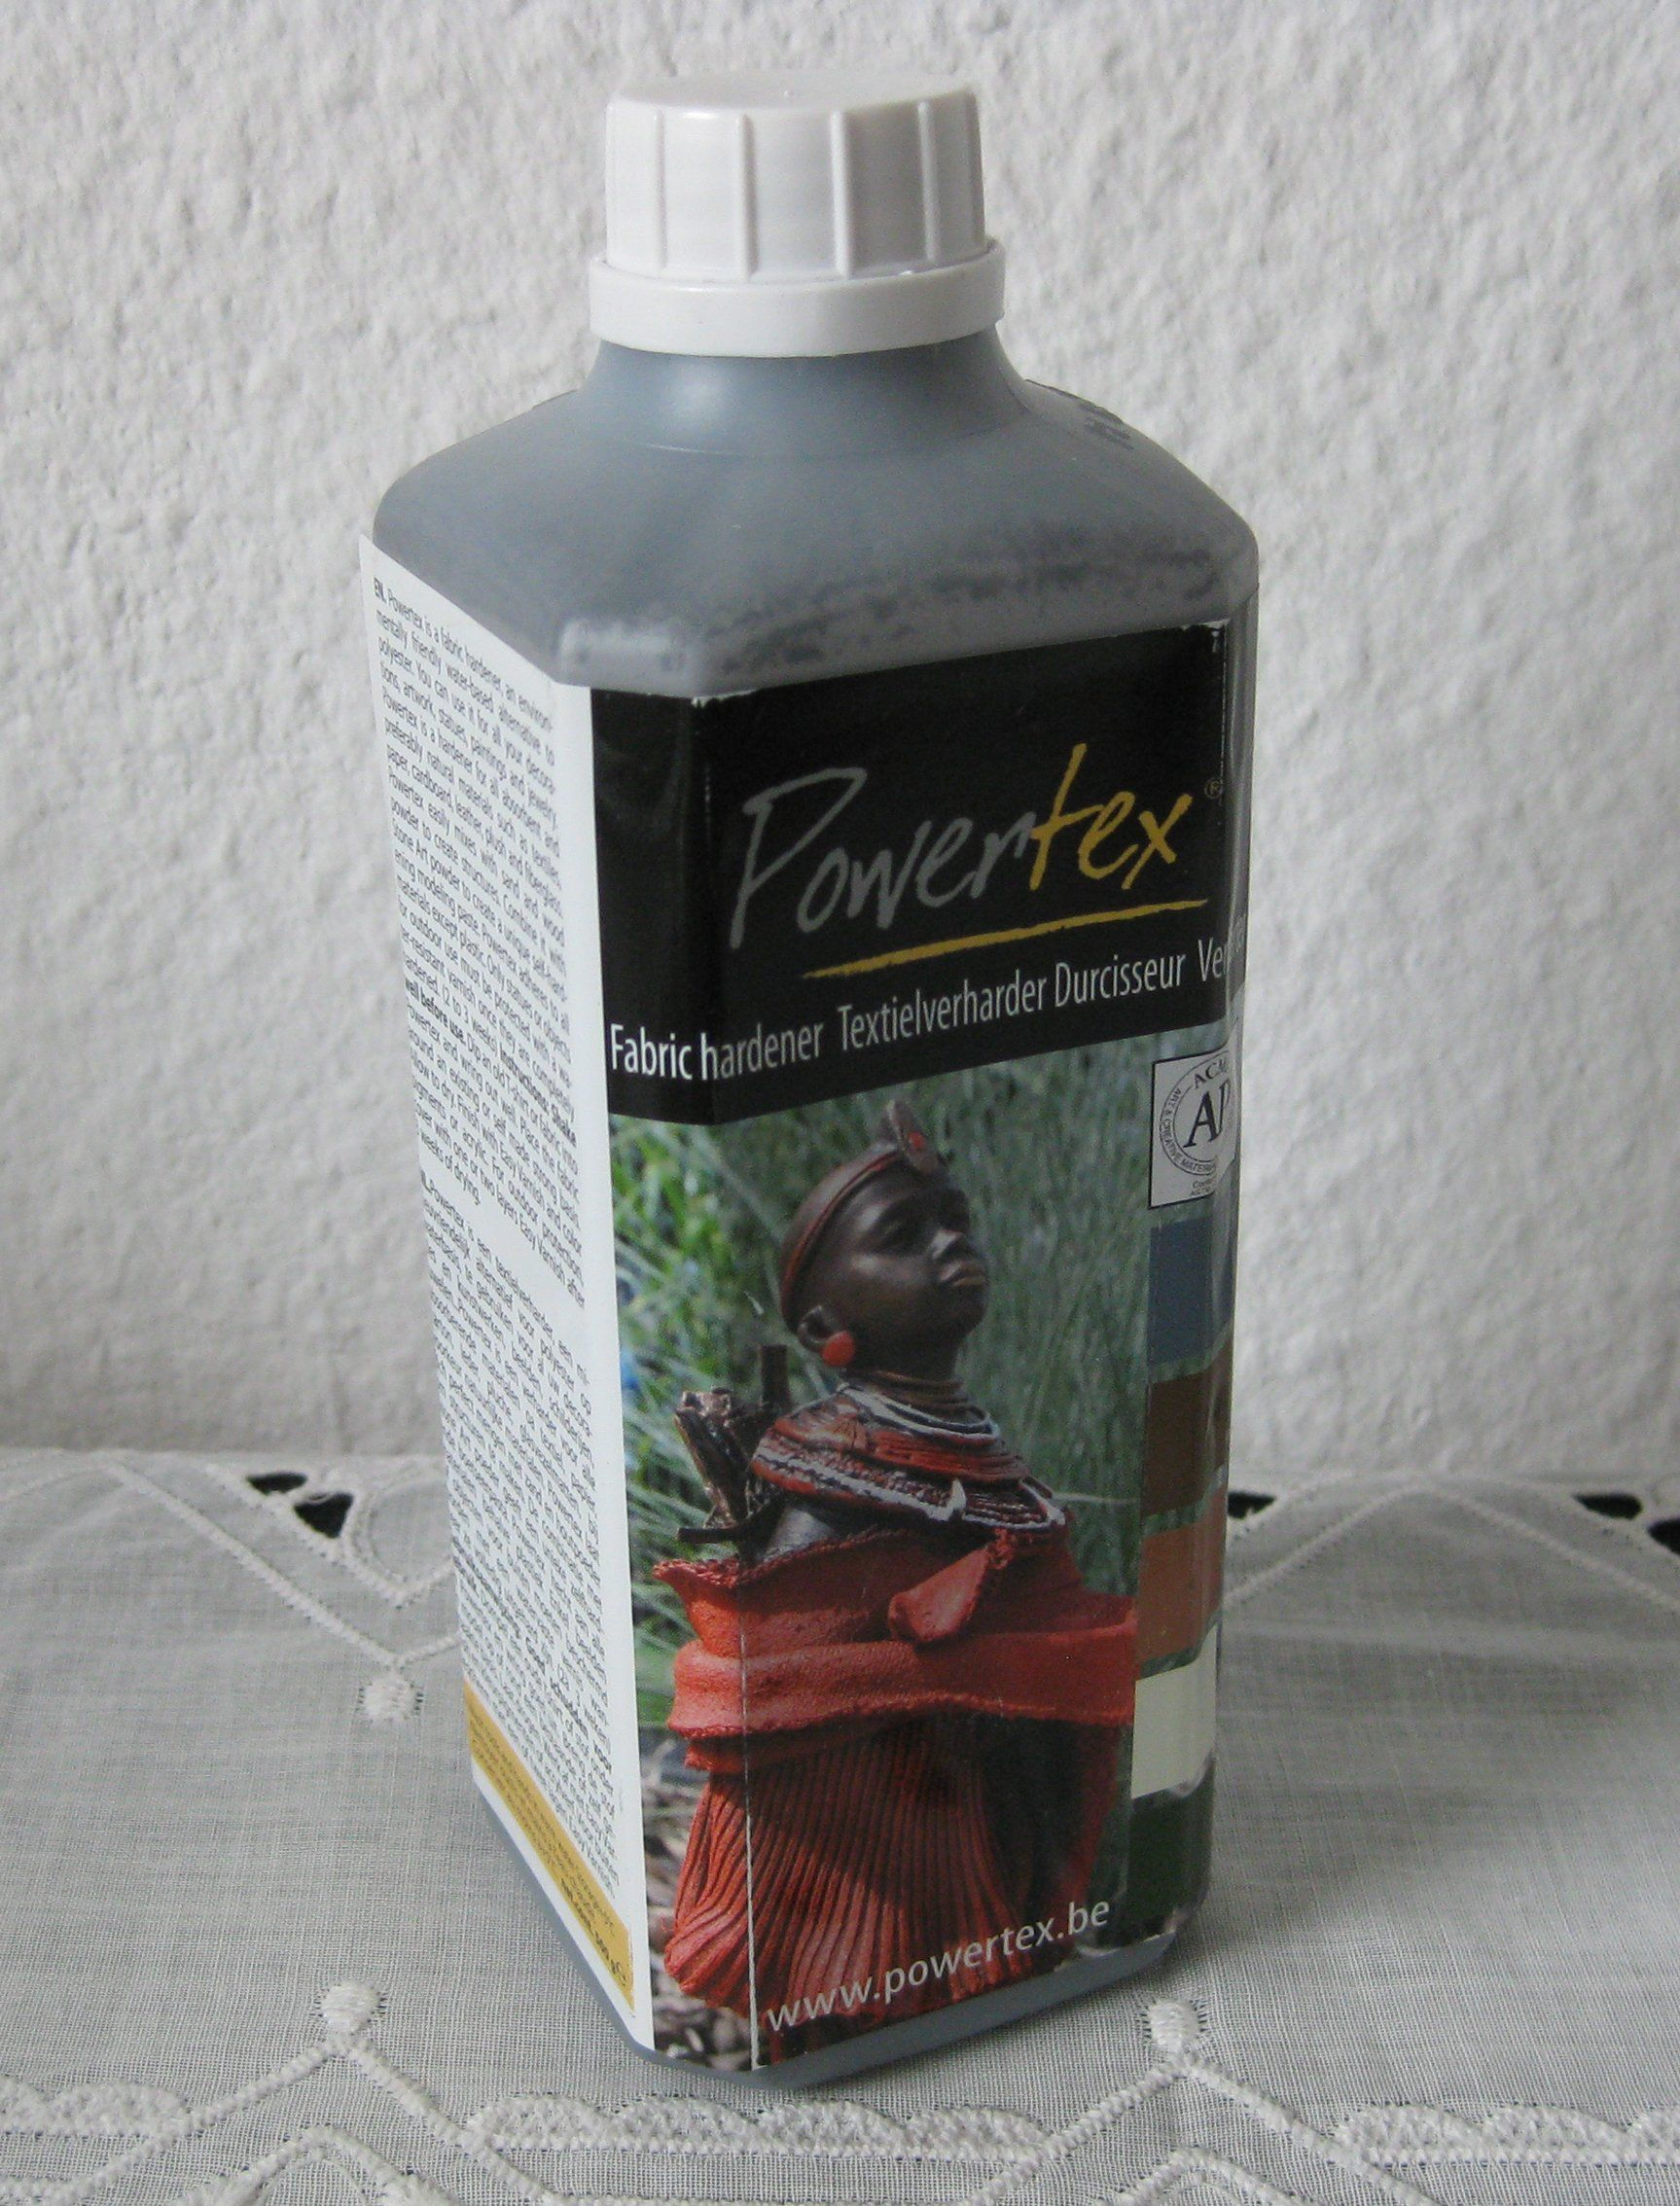 Powertex 31400/02 Textile-500 utwardzacz ołowiu, inny materiał, 500 g